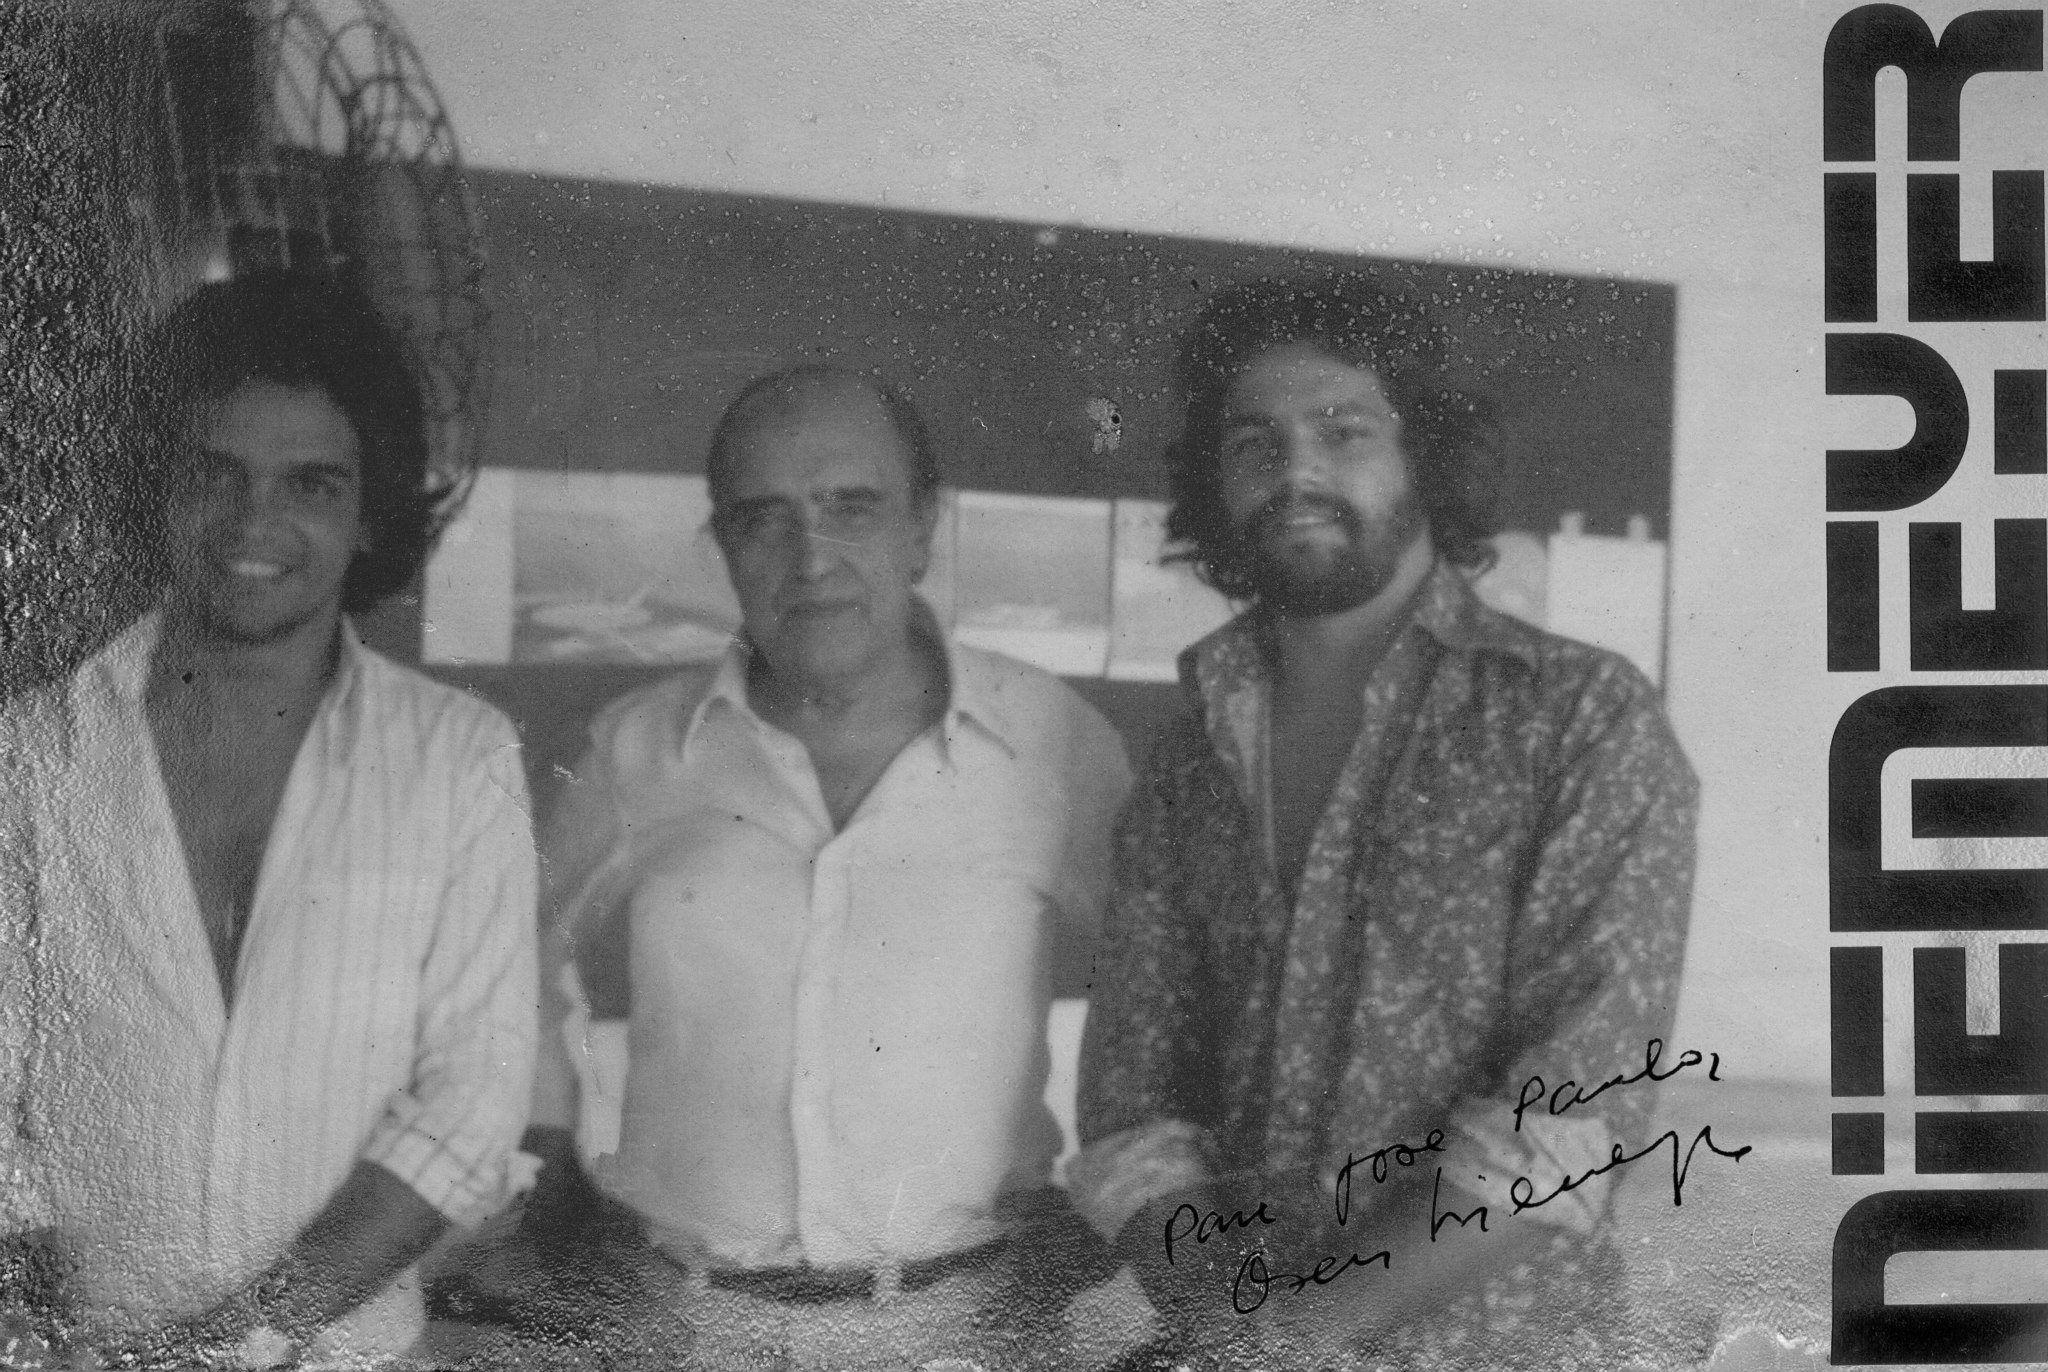 José Paulo Narciso da Rocha Júnior Oscar Niemeyer e José Castelo Branco Khoury em membros observadores no Escritório de Oscar Niemeyer na década de 70